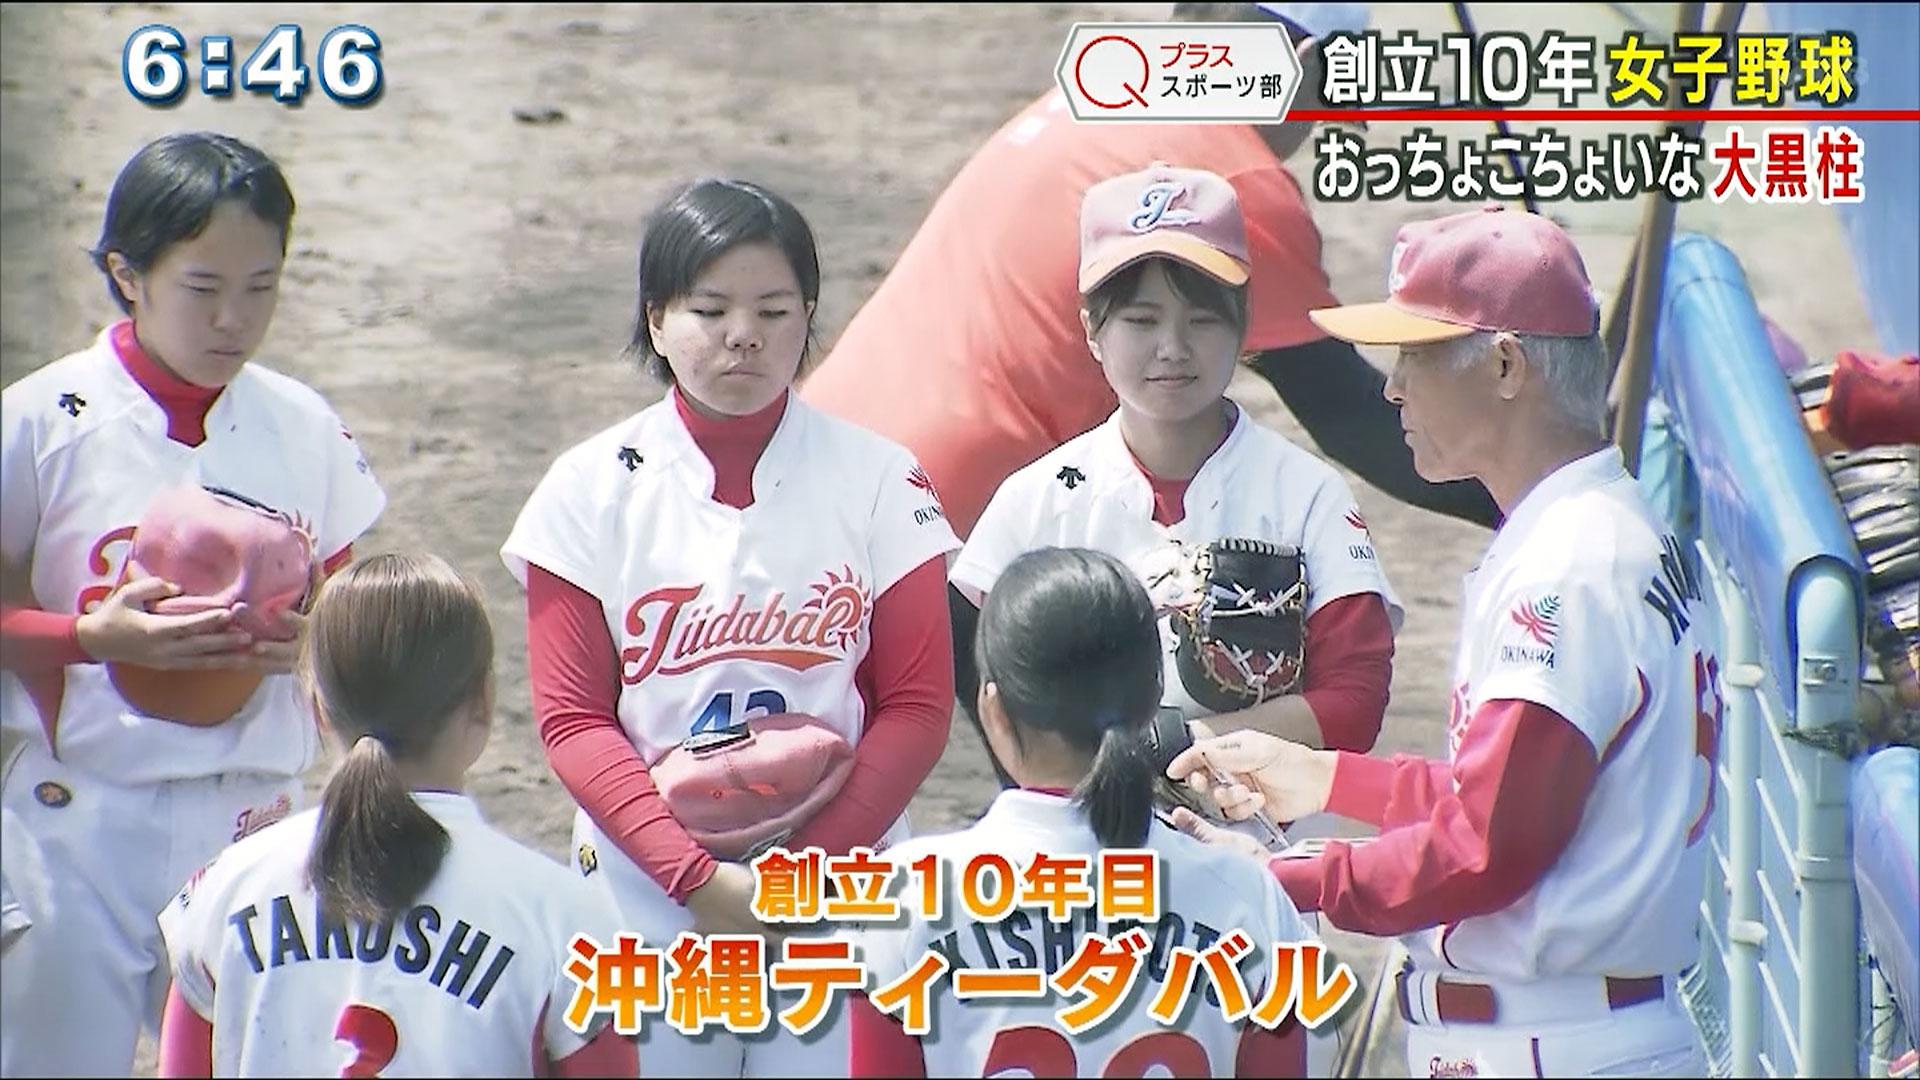 おっちょこちょい!?な大黒柱 女子野球城間智子さん